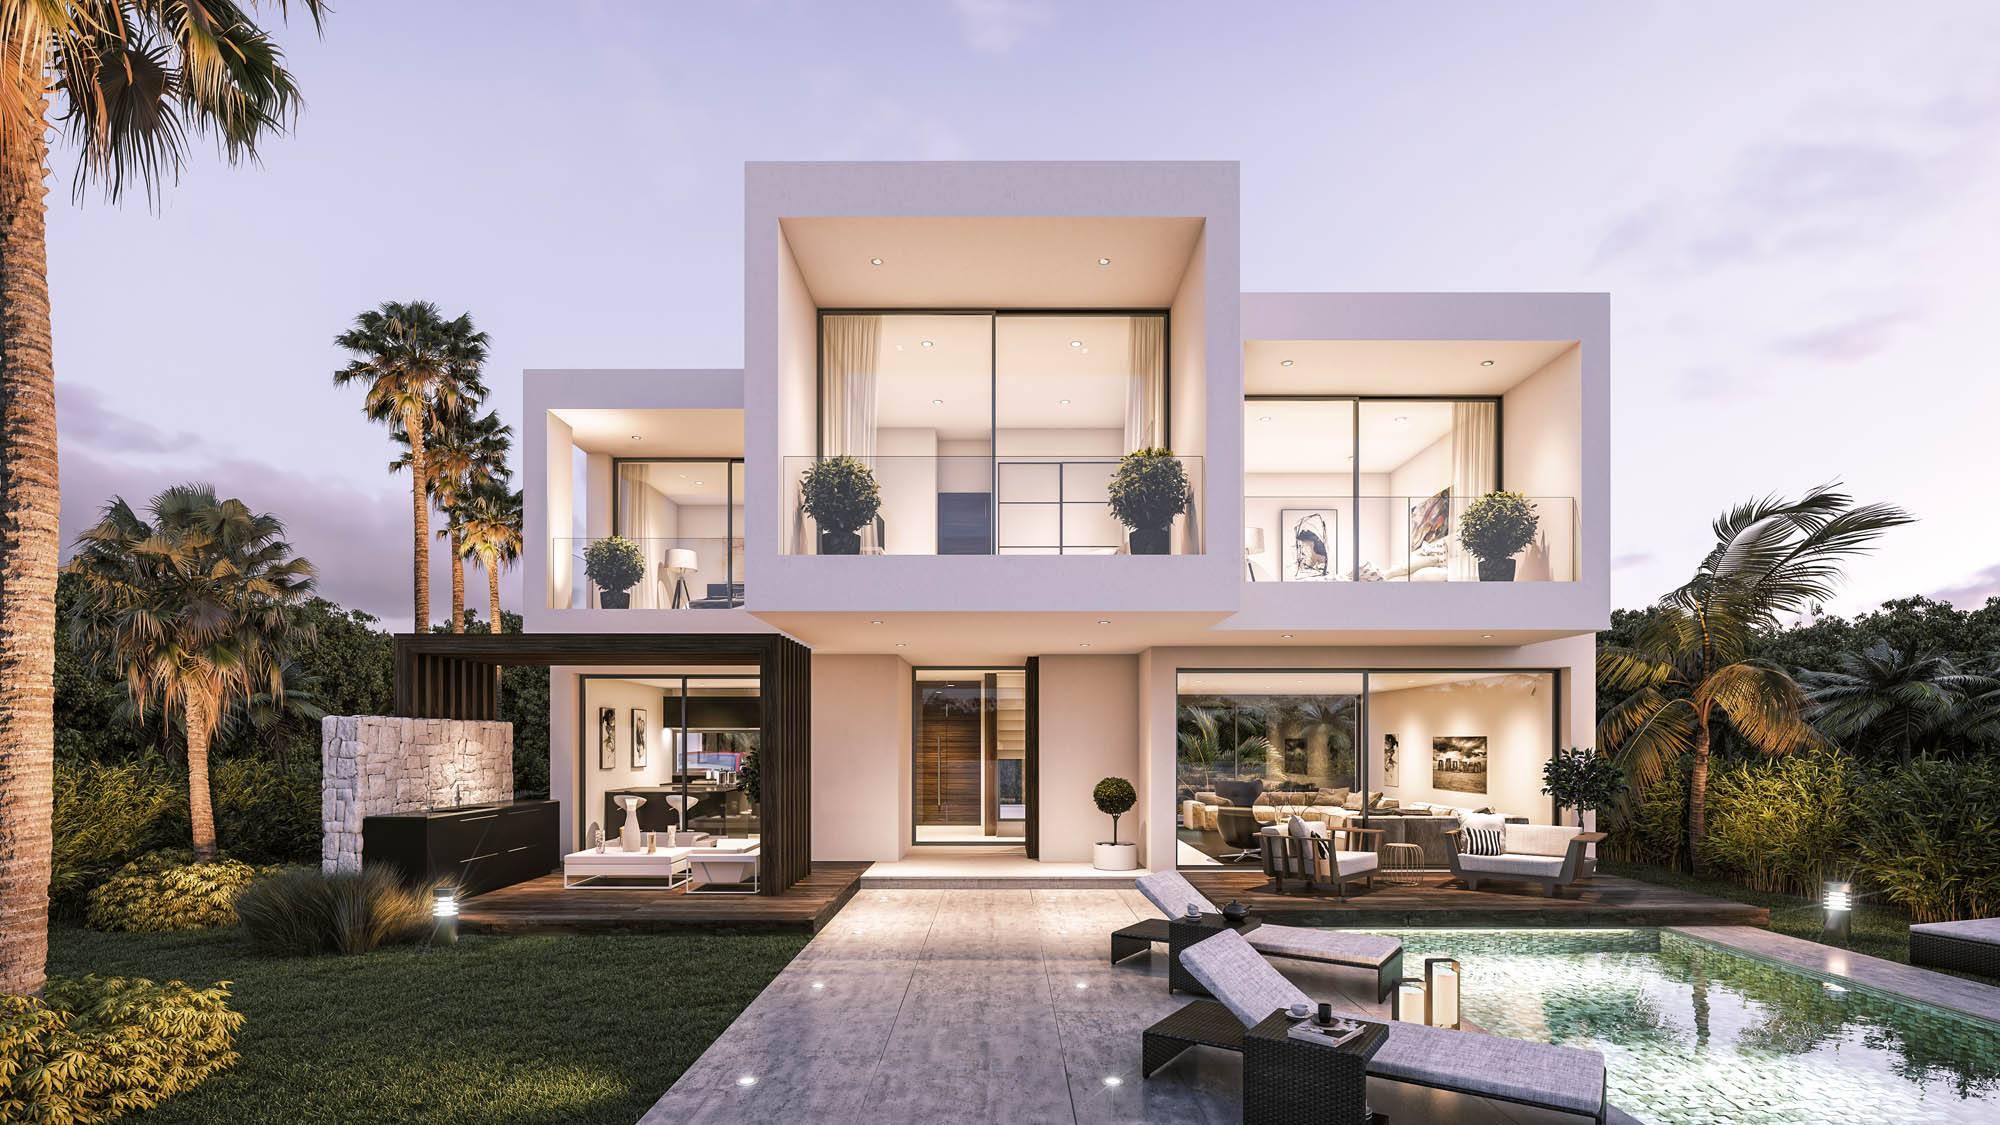 101 luxury villas in Estepona.